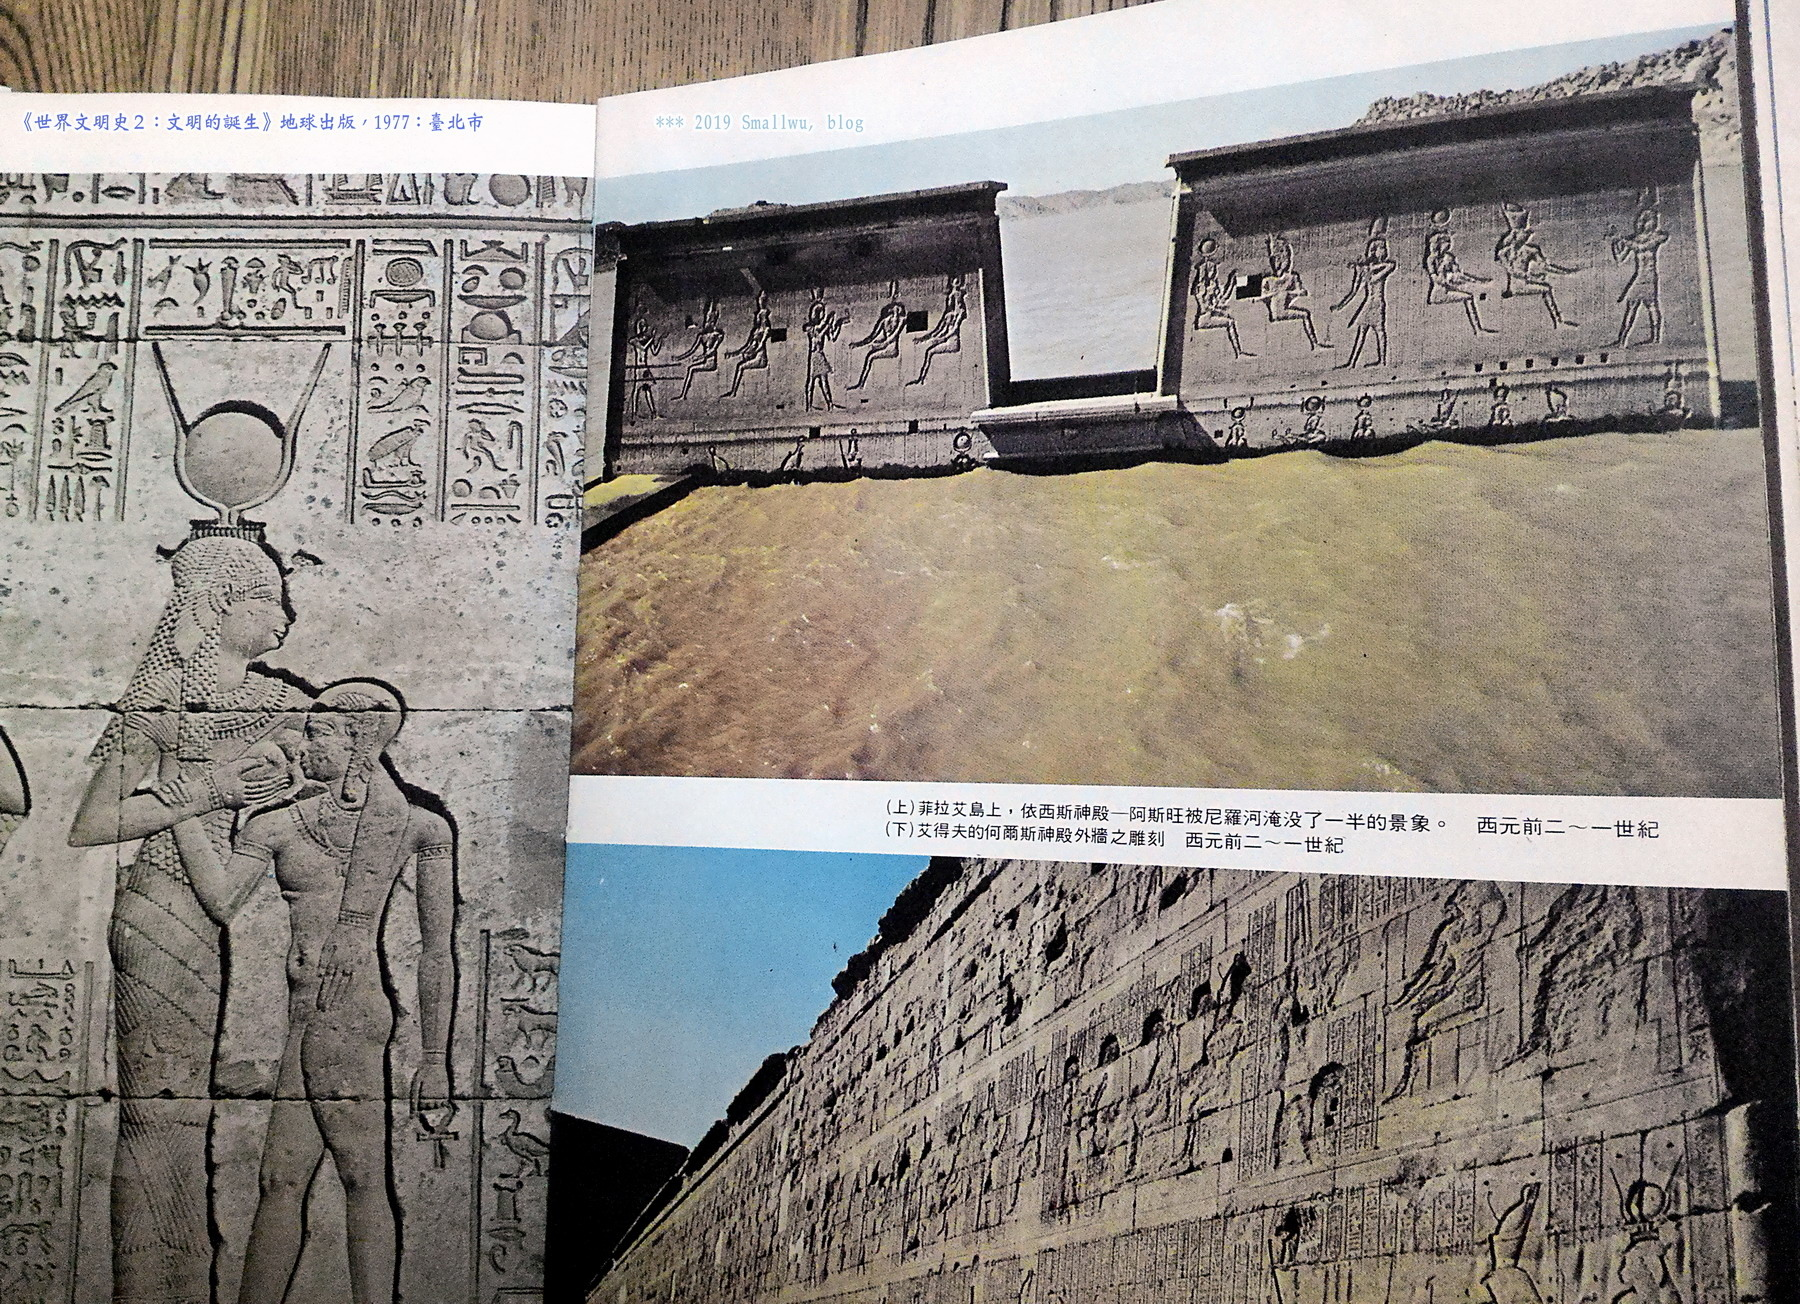 世界文明史2-文明的誕生-06 菲萊島 Temple of Isis 伊西斯神廟.jpg